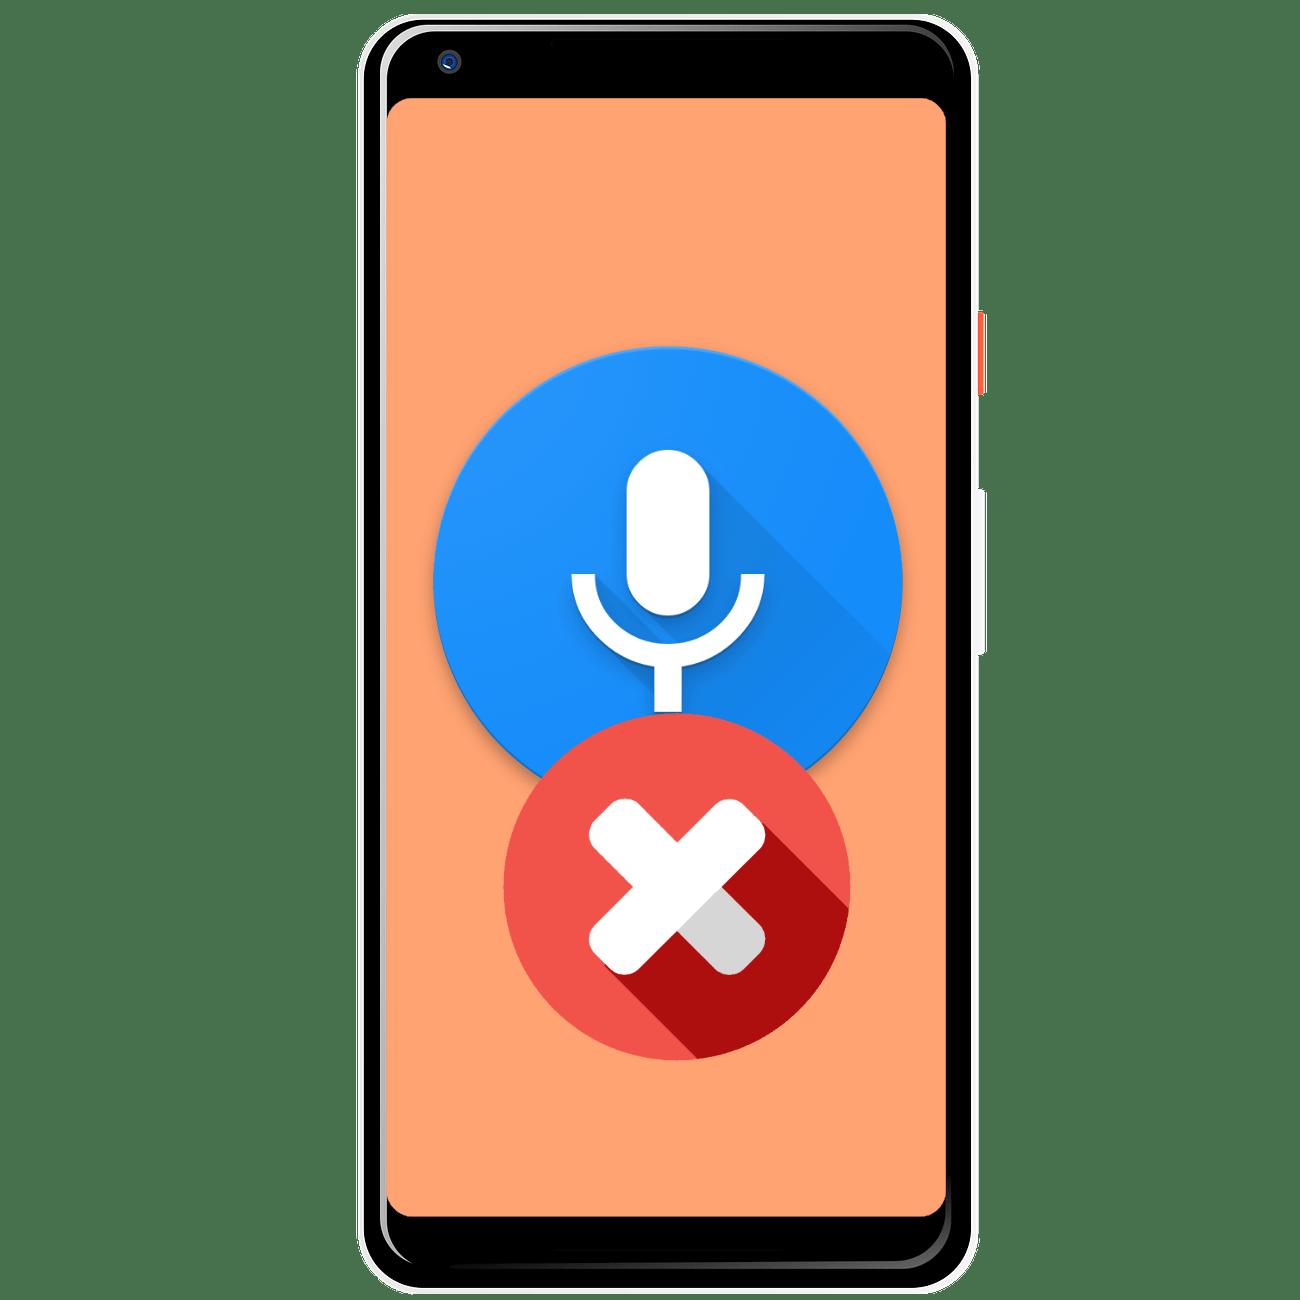 как отключить голосовой ввод google на андроид